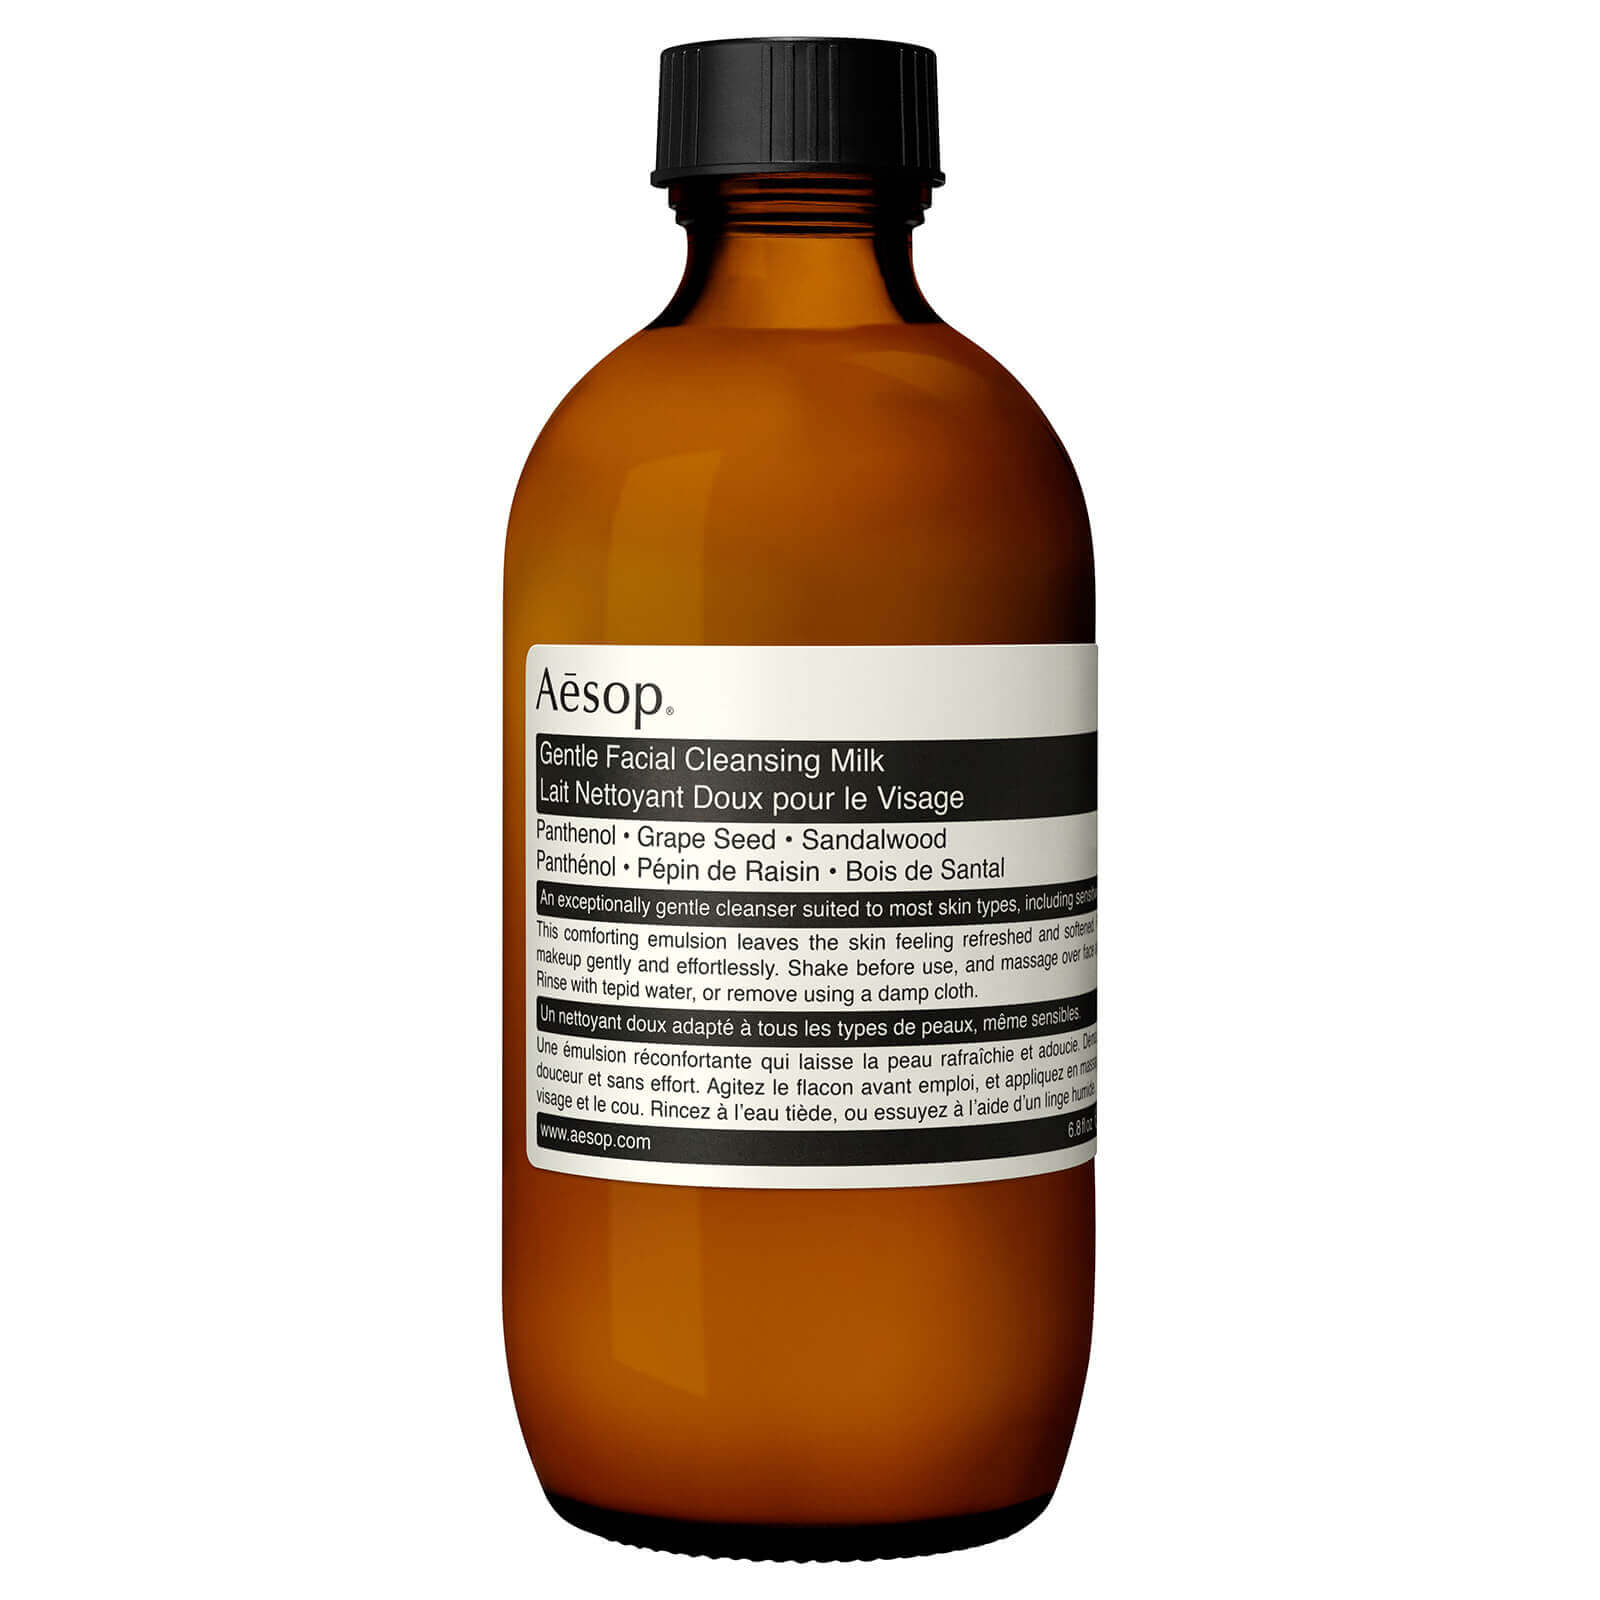 Aesop Gentle Facial Cleansing Milk 100ml